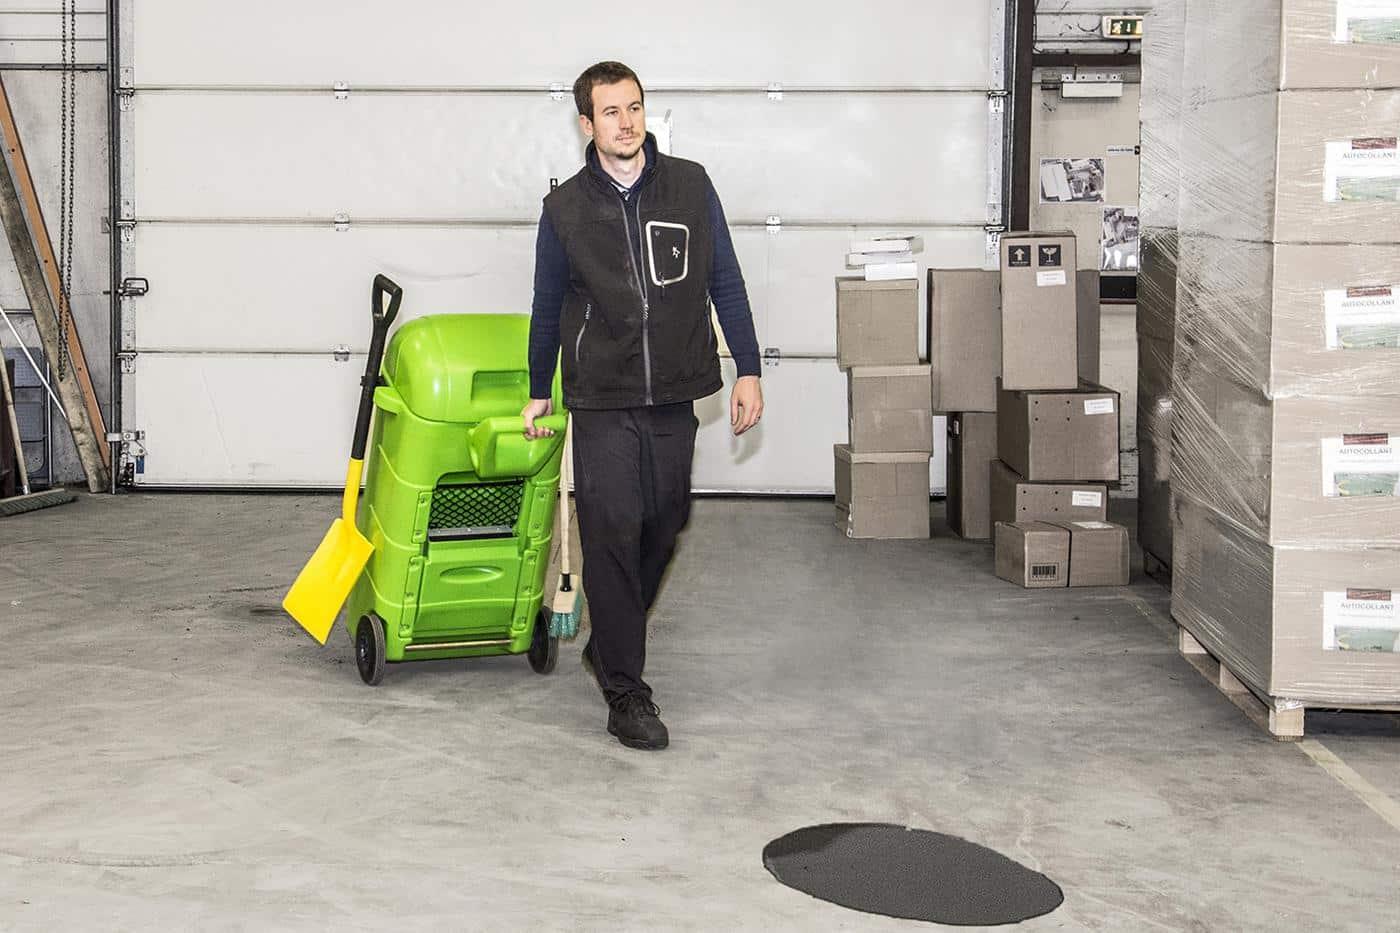 reciclagem de absorvente móvel - situação 1